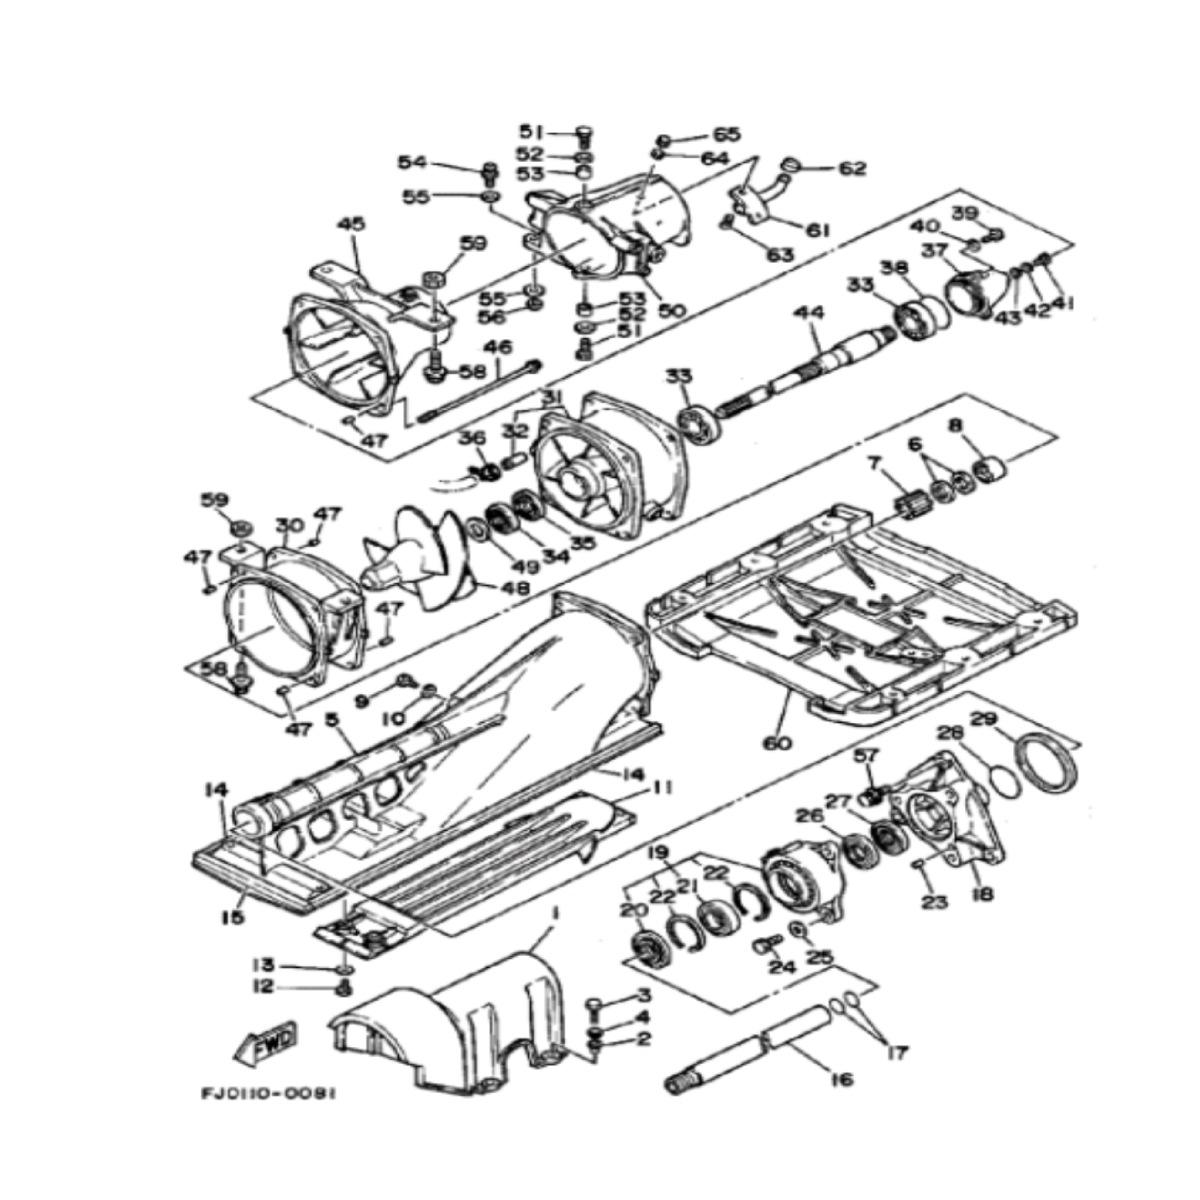 Cinta de Turbina Fina para Jet Ski Yamaha SHO,VX,FZS,FZR Sob Medida  - Radical Peças - Peças para Jet Ski